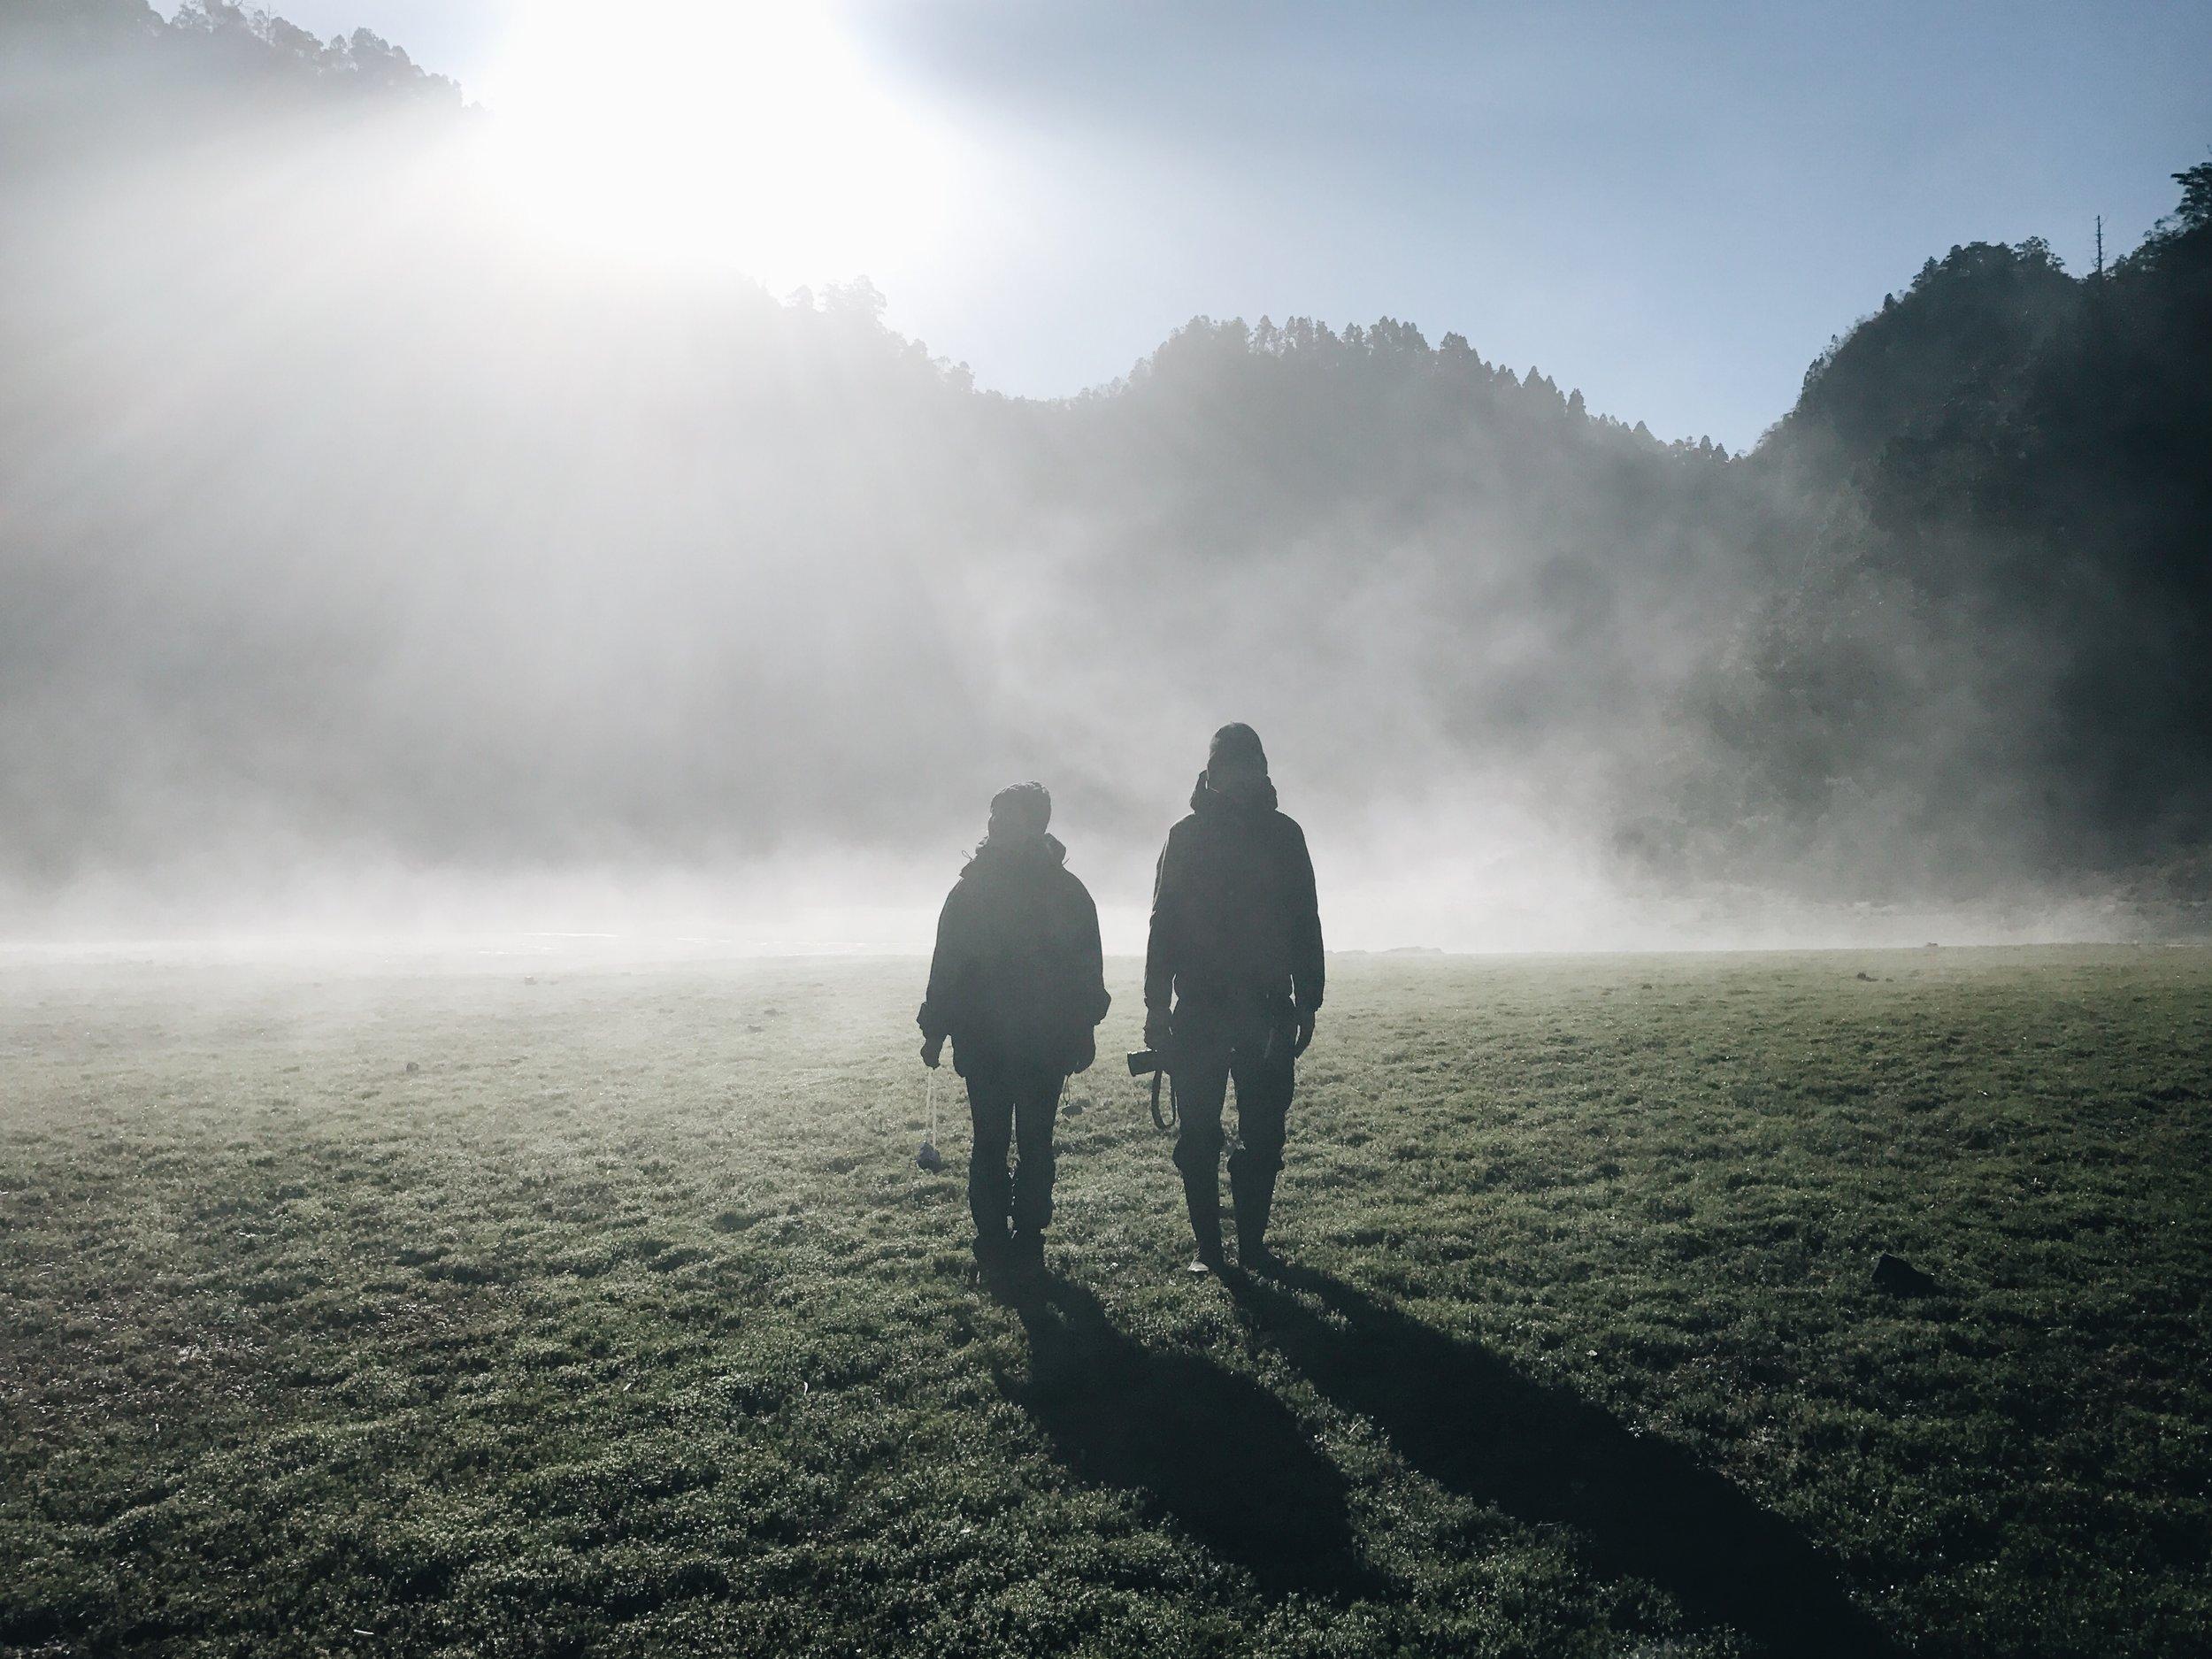 PHOTO|員旅登上松蘿湖  我們的員旅從來都不輕鬆,戶外冒險似乎帶給我們........